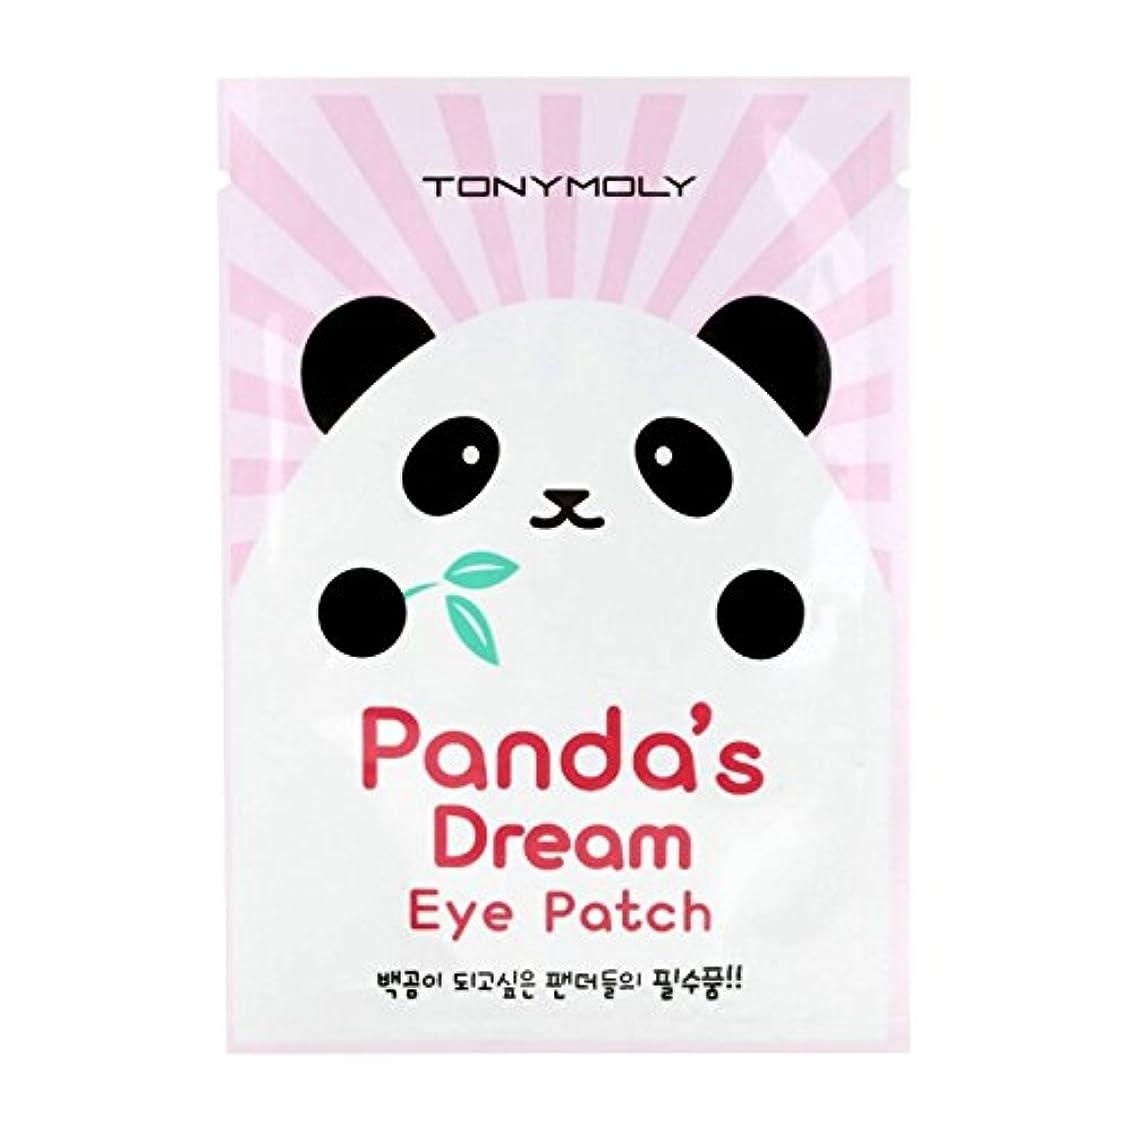 サンダーオーストラリア人ポケット(3 Pack) TONYMOLY Panda's Dream Eye Patch (並行輸入品)